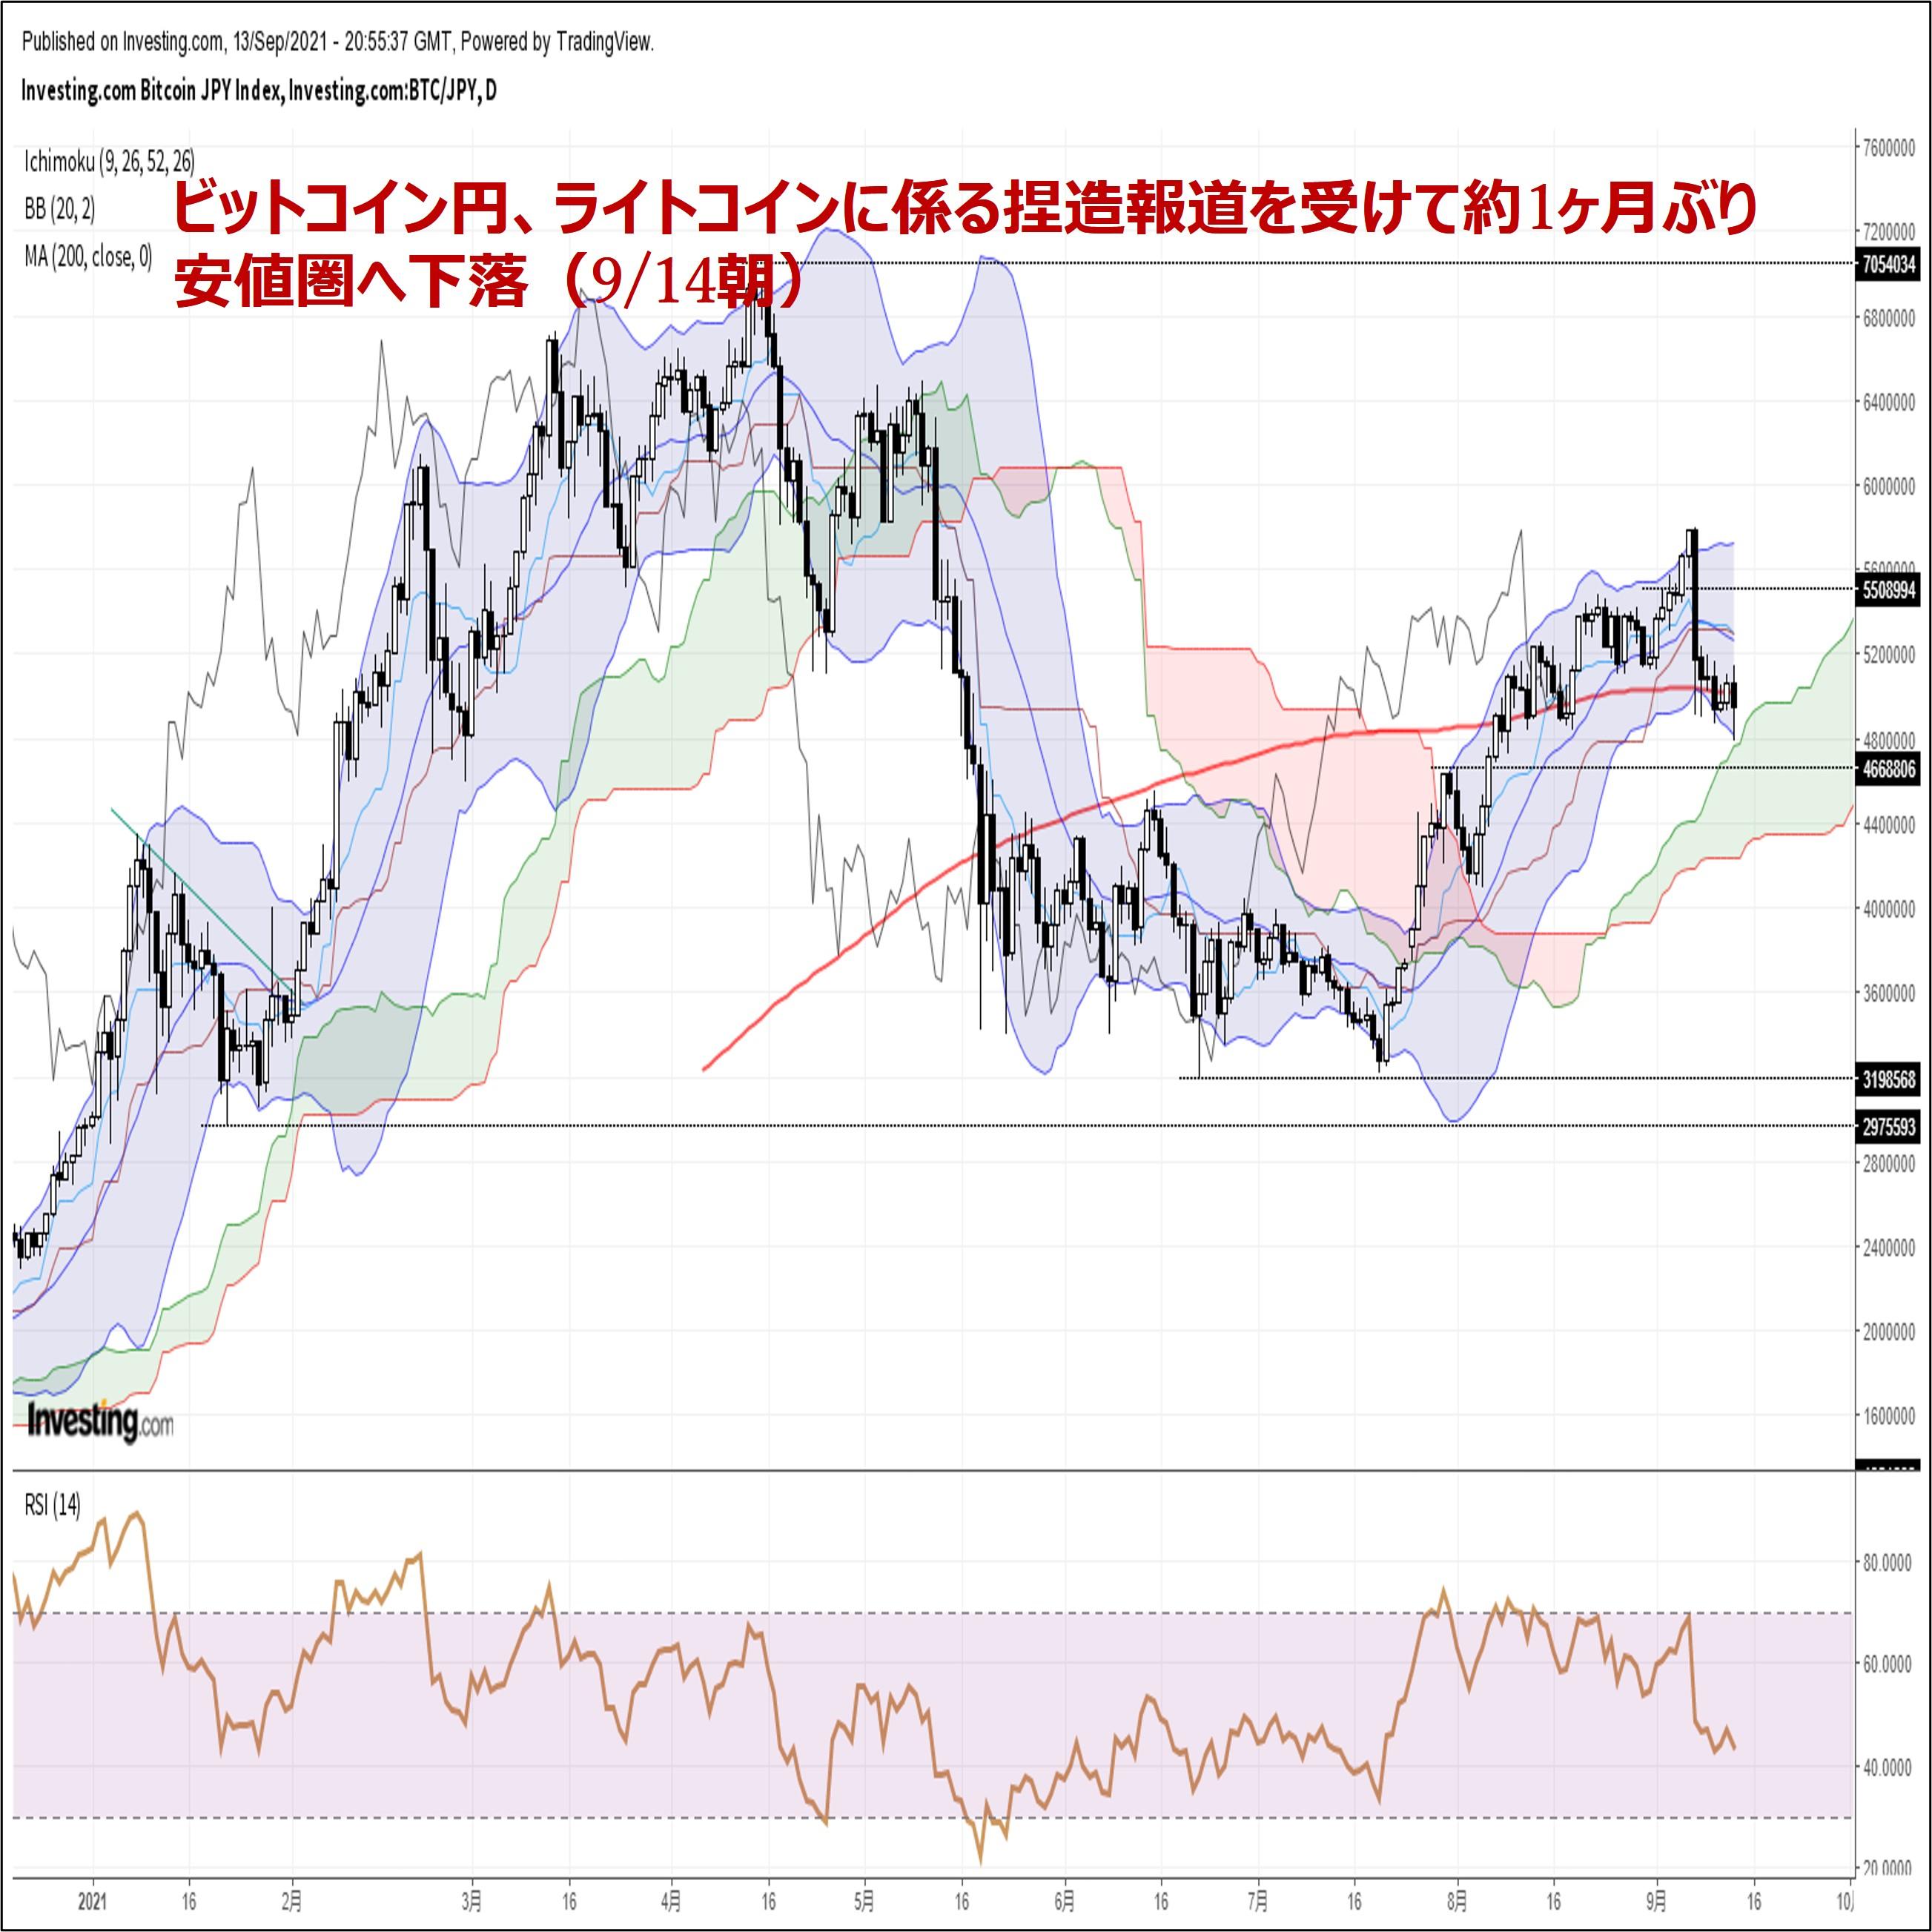 ビットコイン円、ライトコインに係る捏造報道を受けて約1ヶ月ぶり安値圏へ下落(9/14朝)